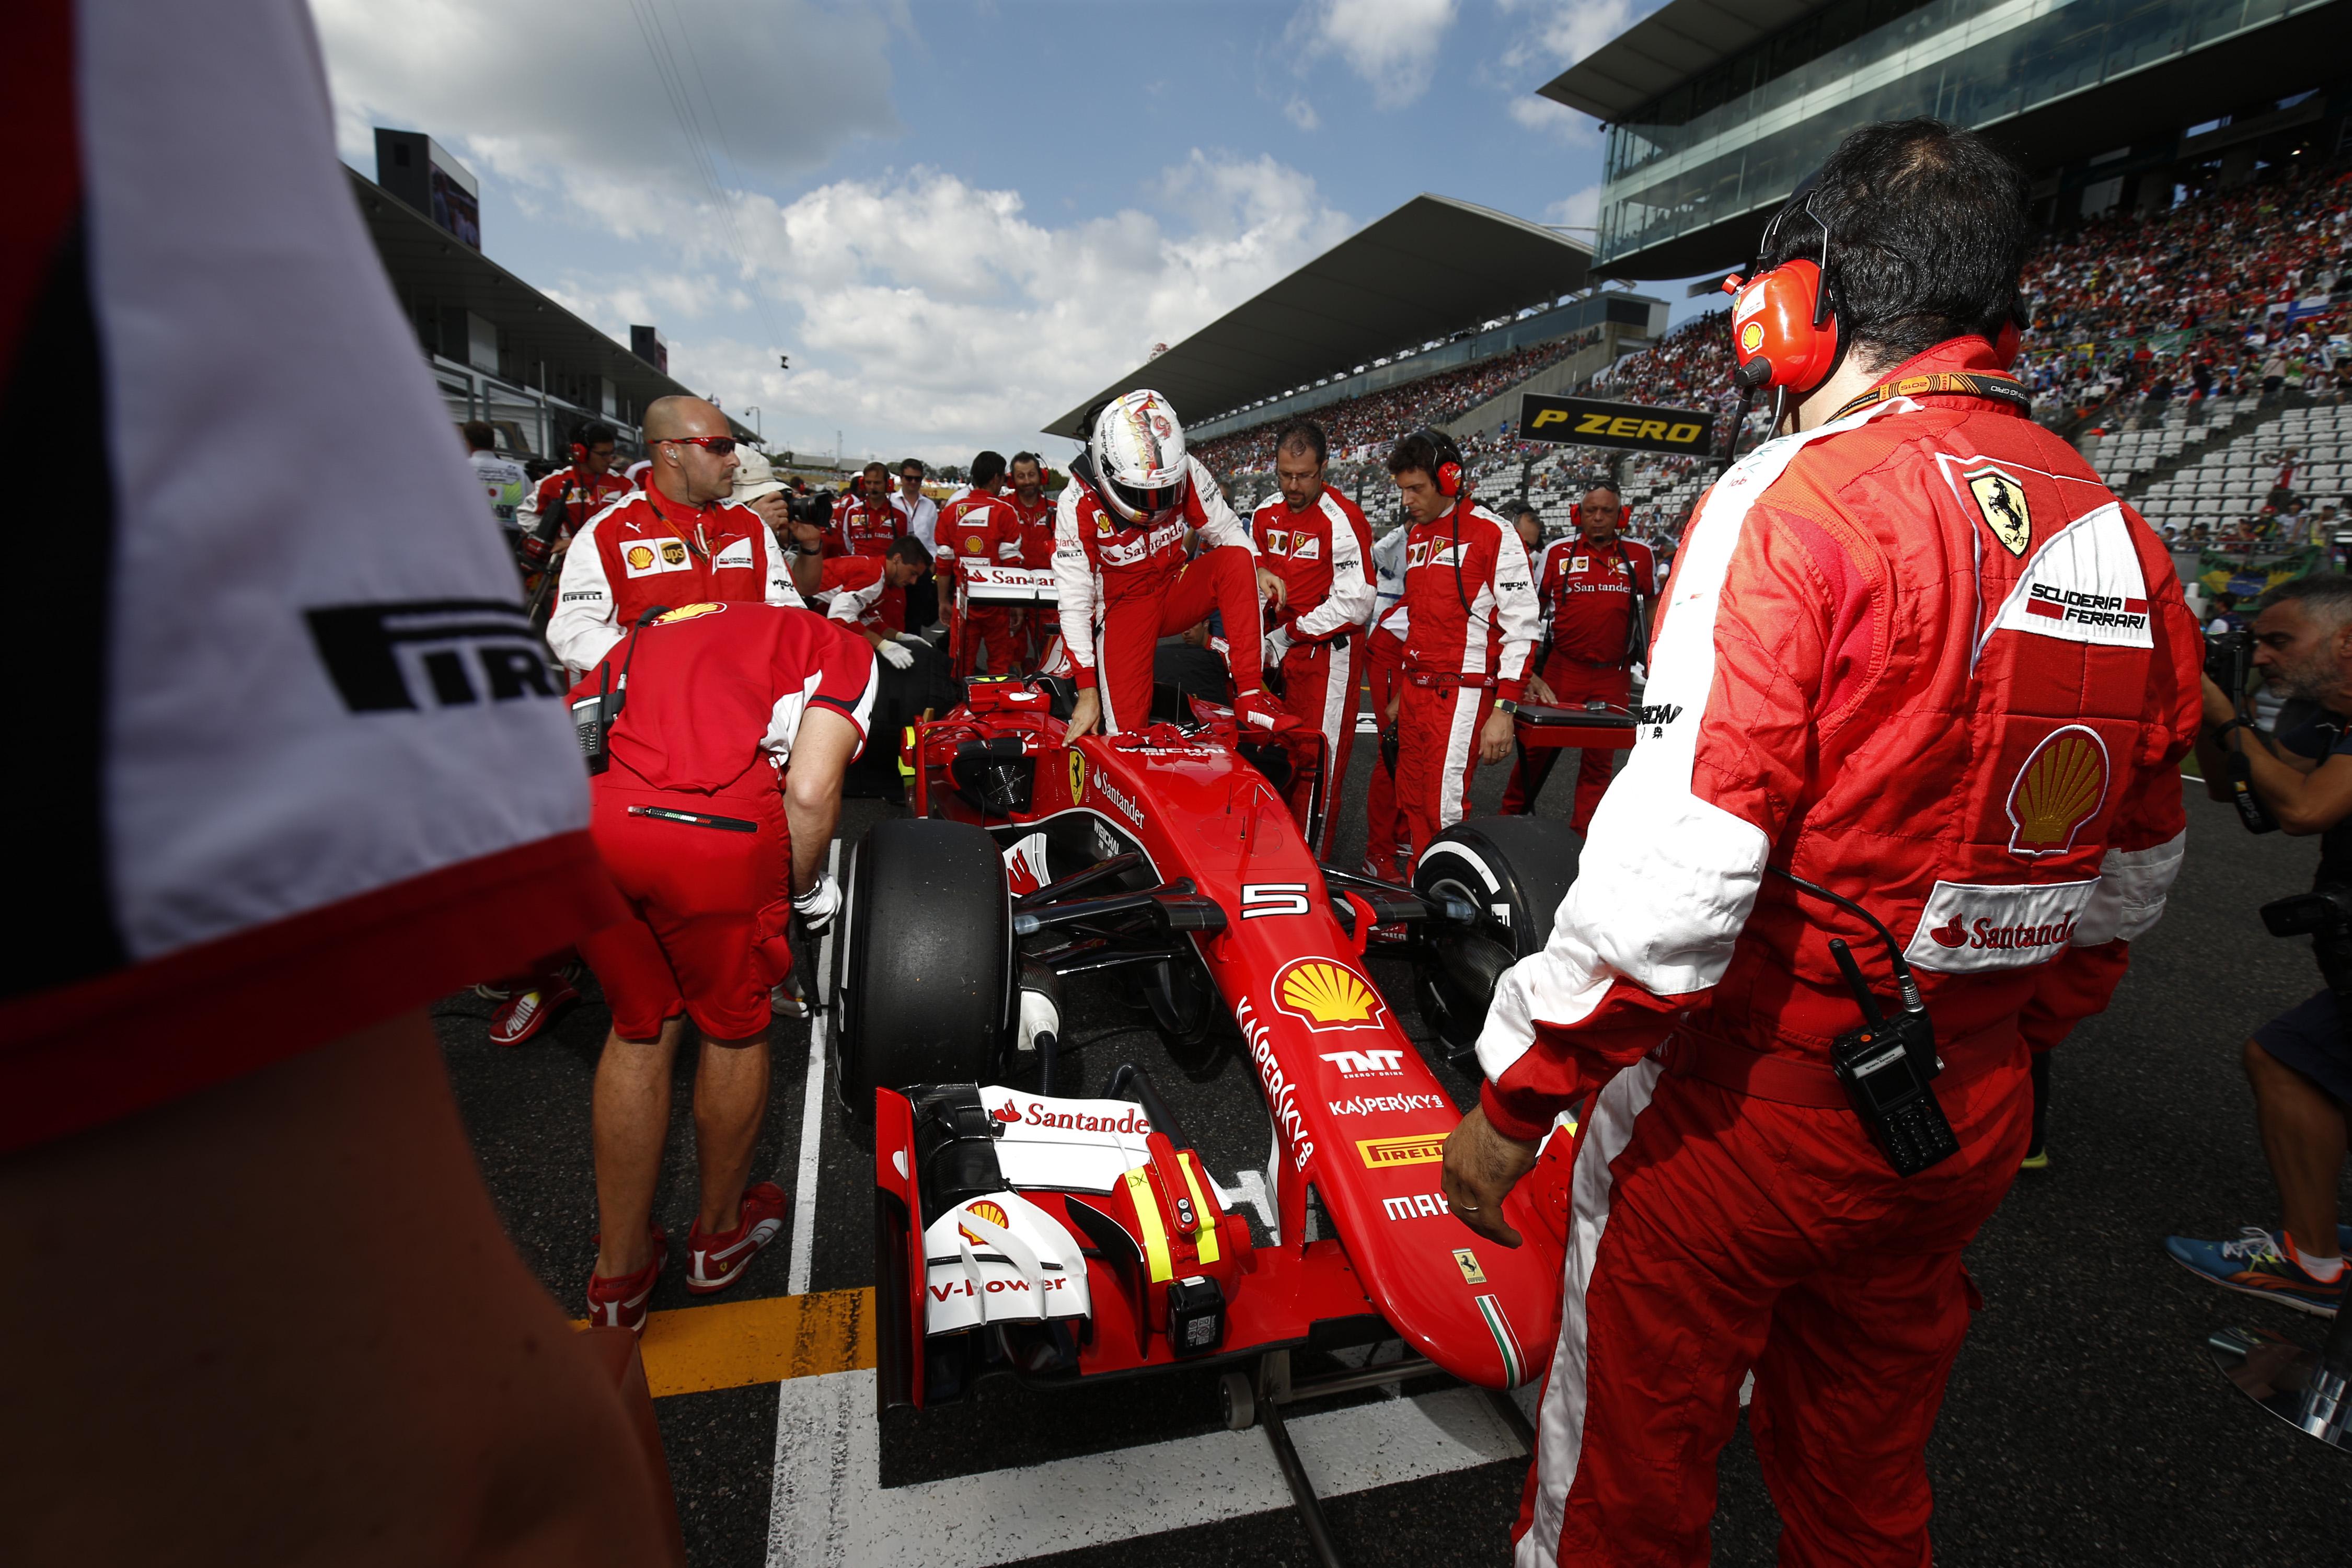 Ferrari: Vettel 2015-ös bajnoki címére akkora az esély, mint a lottó ötösre!